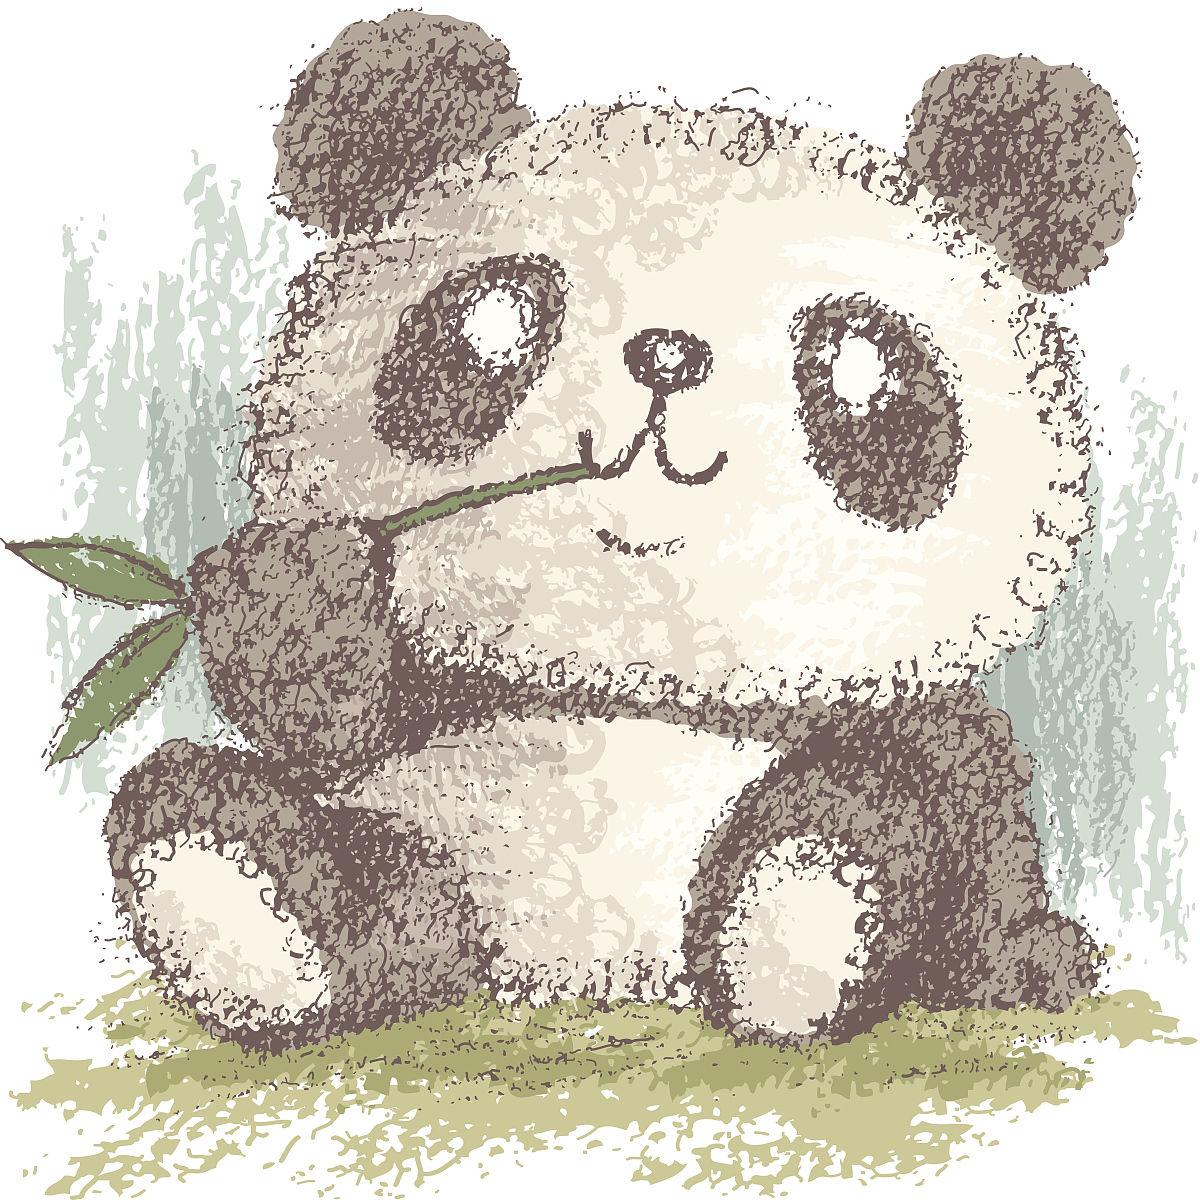 野生动物,亚洲,动物,野外动物,熊,大熊猫,不完全的,竹,熊猫,铅笔画图片